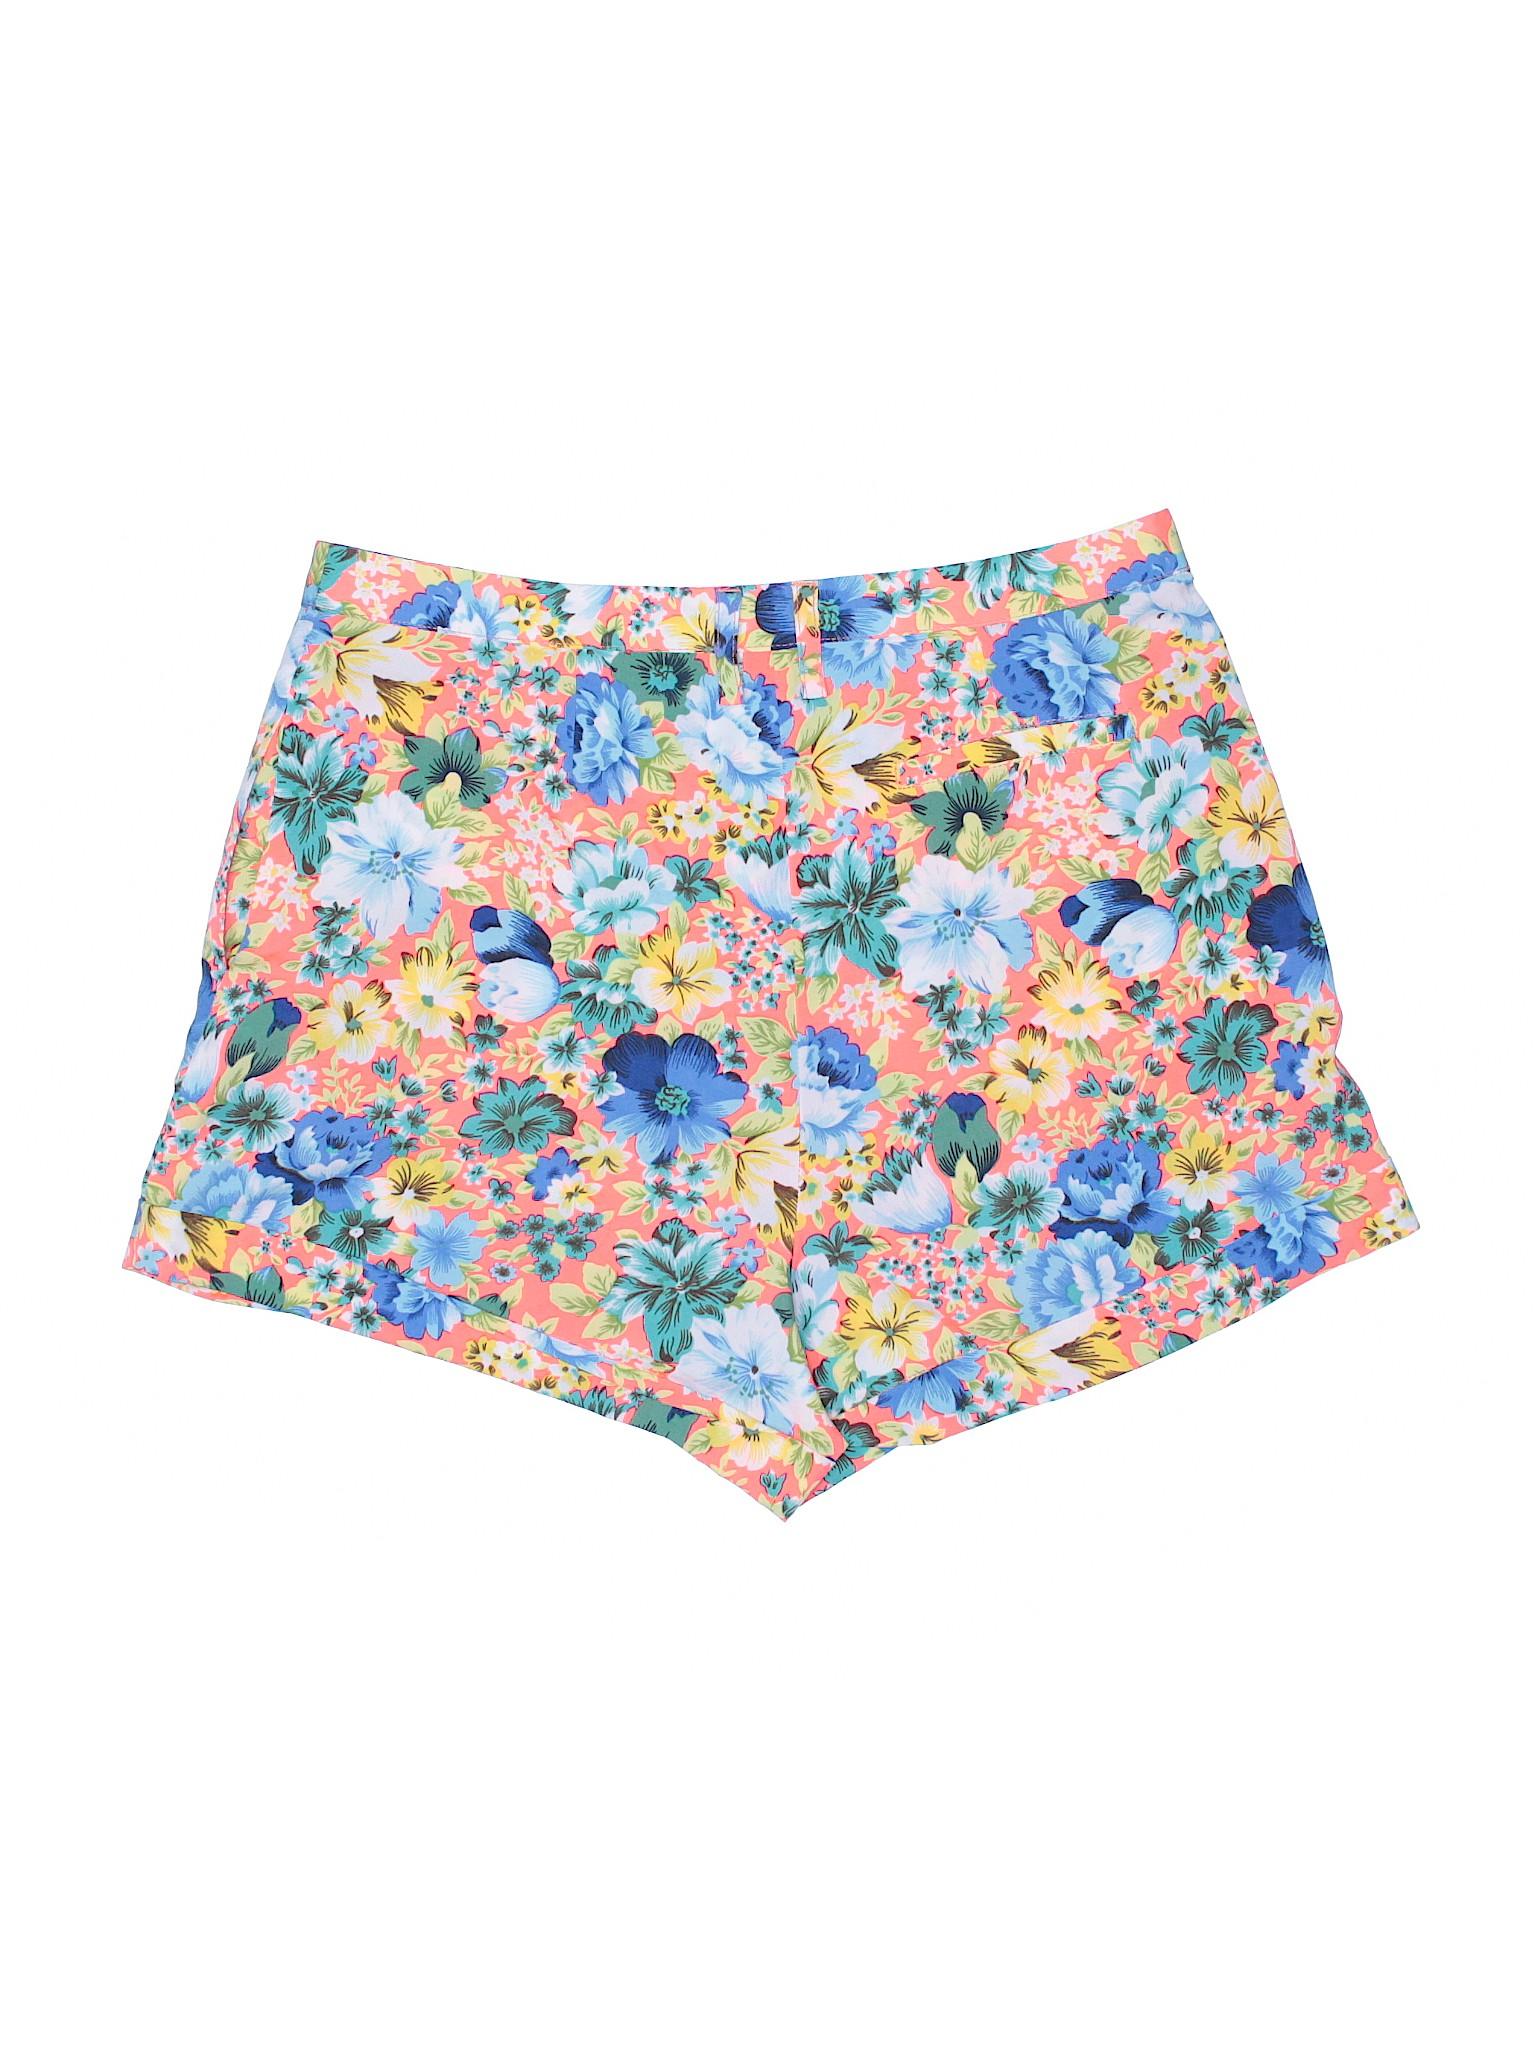 Boutique Shorts Boutique Topshop Shorts leisure leisure Topshop 7qaSgW7